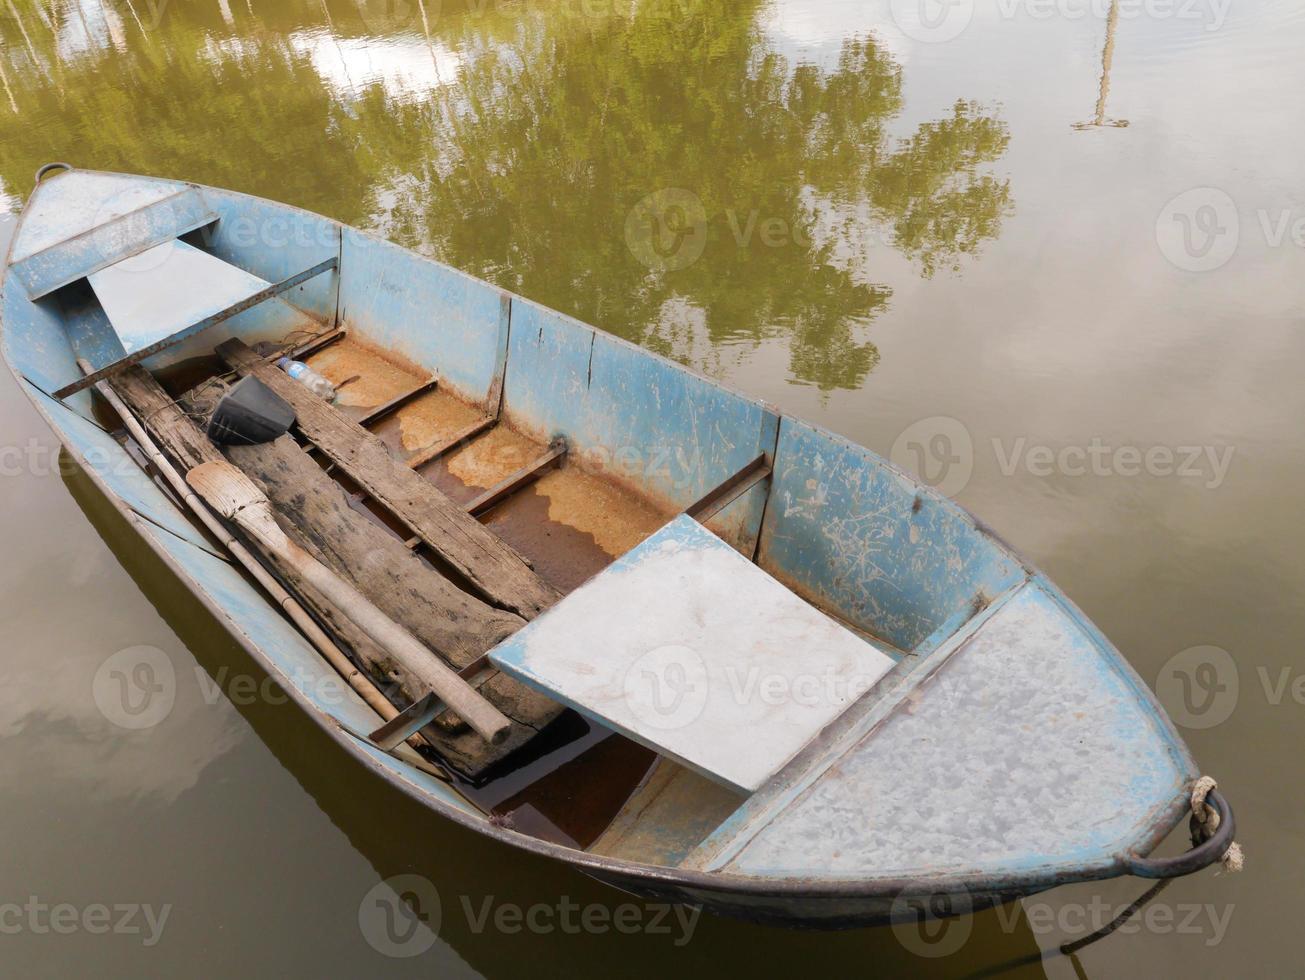 järnbåt foto